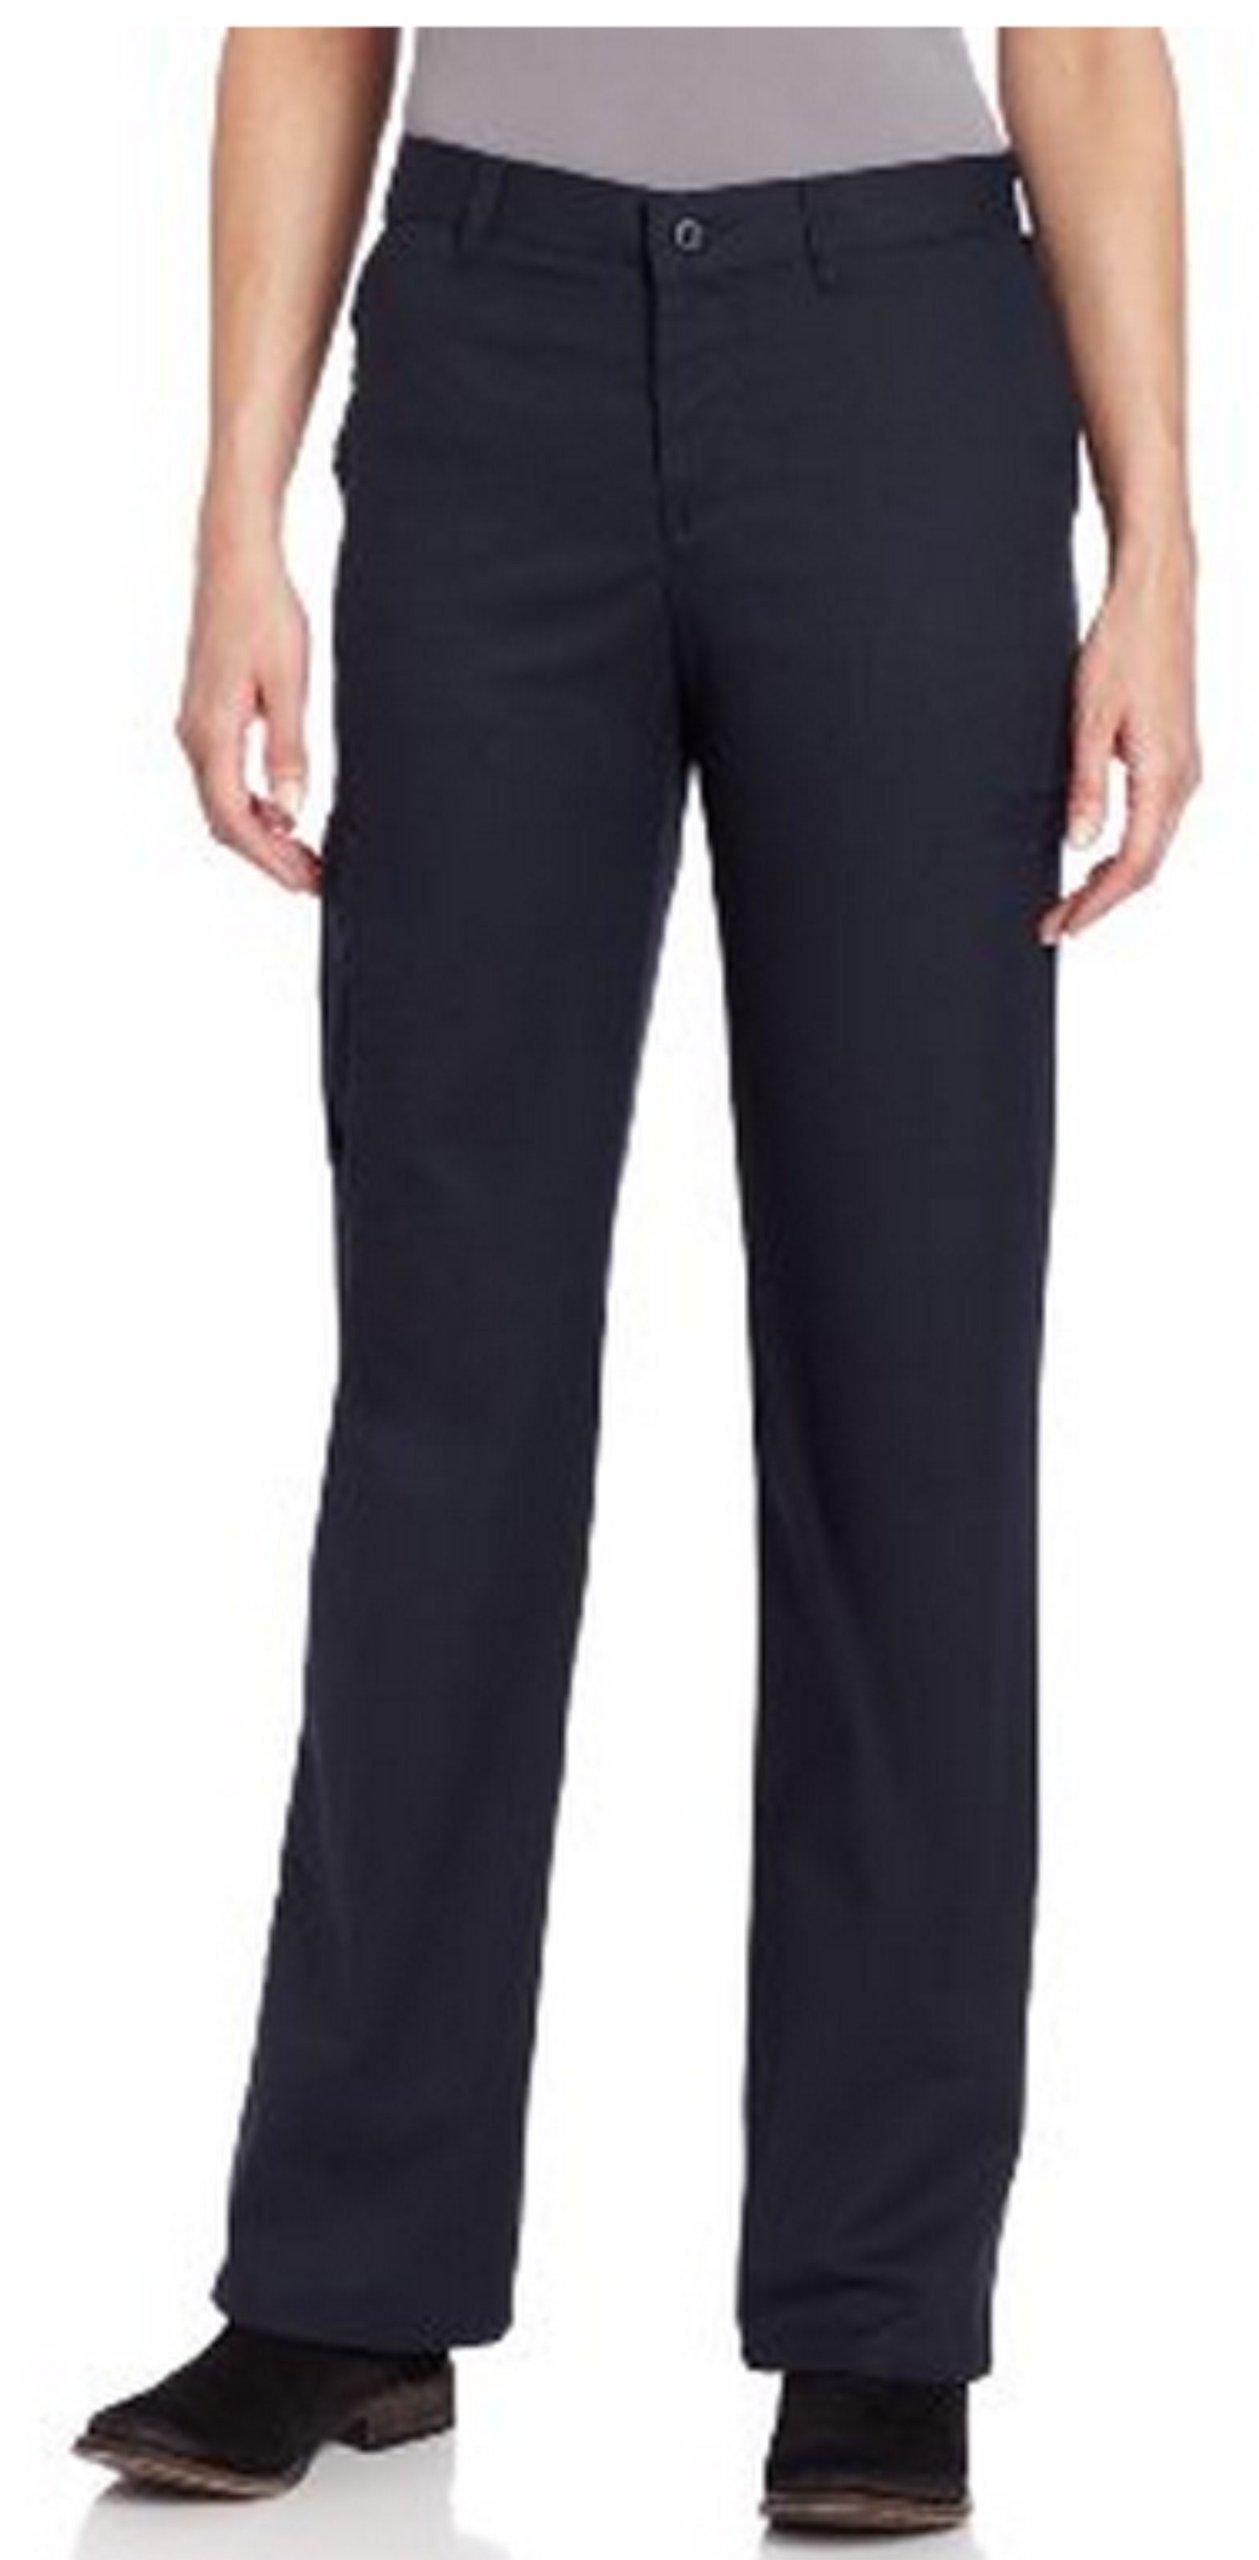 Dickies Women's Premium Relaxed Straight Cargo Pants,Dark Navy,10 Petite